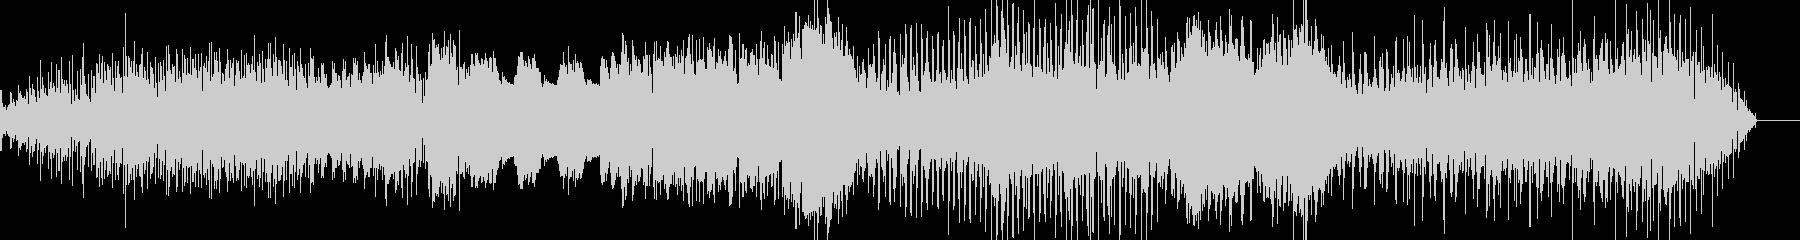 エスニック風の背景的音楽の未再生の波形